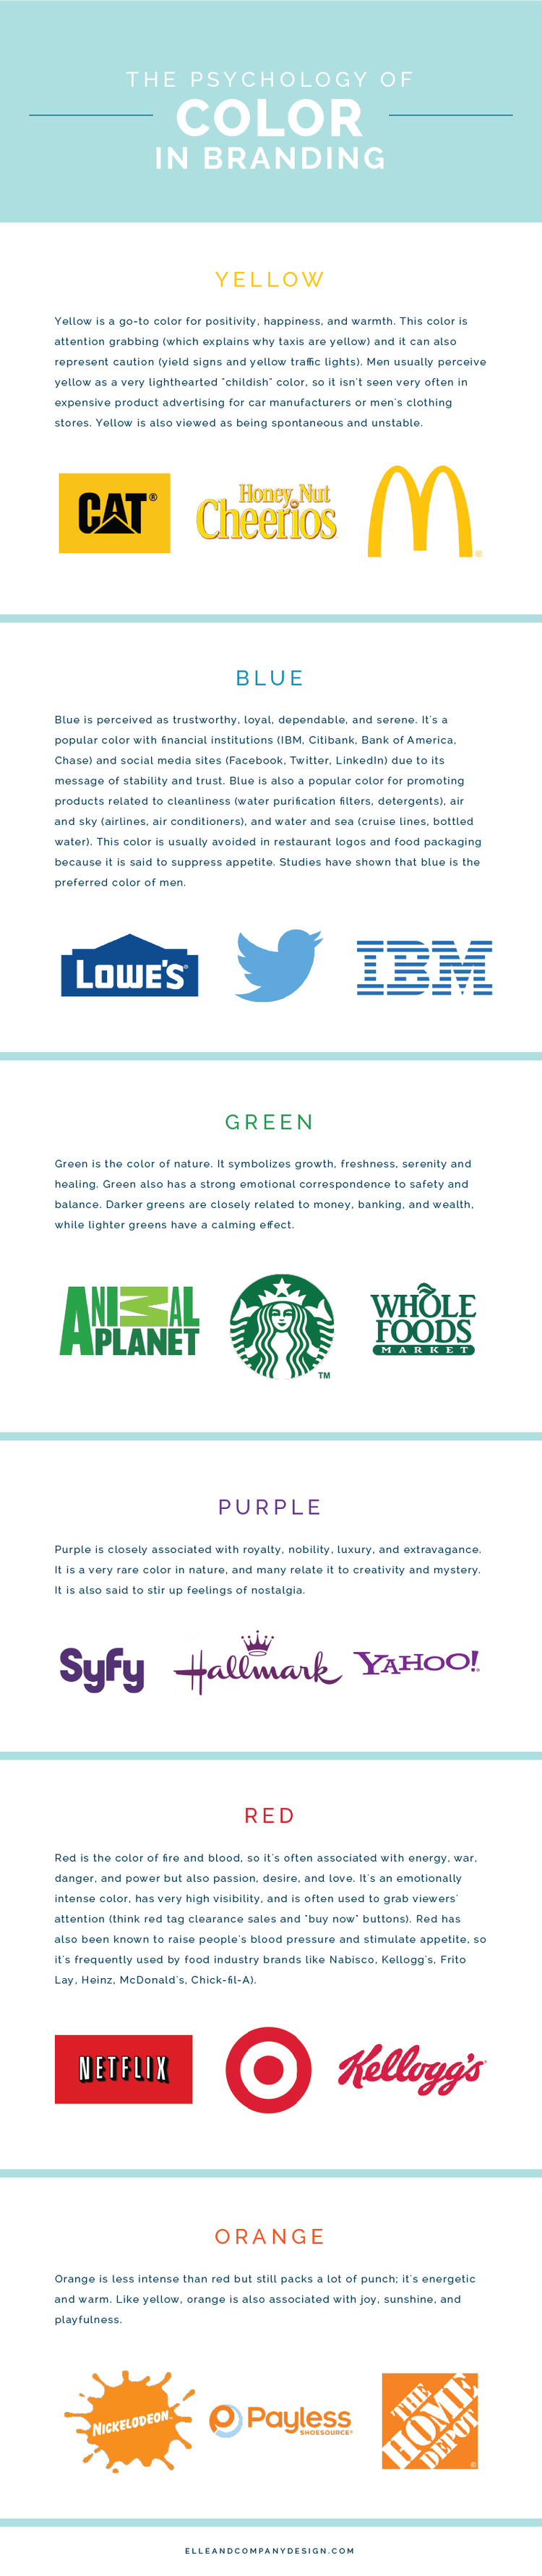 Colors web design psychology - Colors Web Design Psychology 52